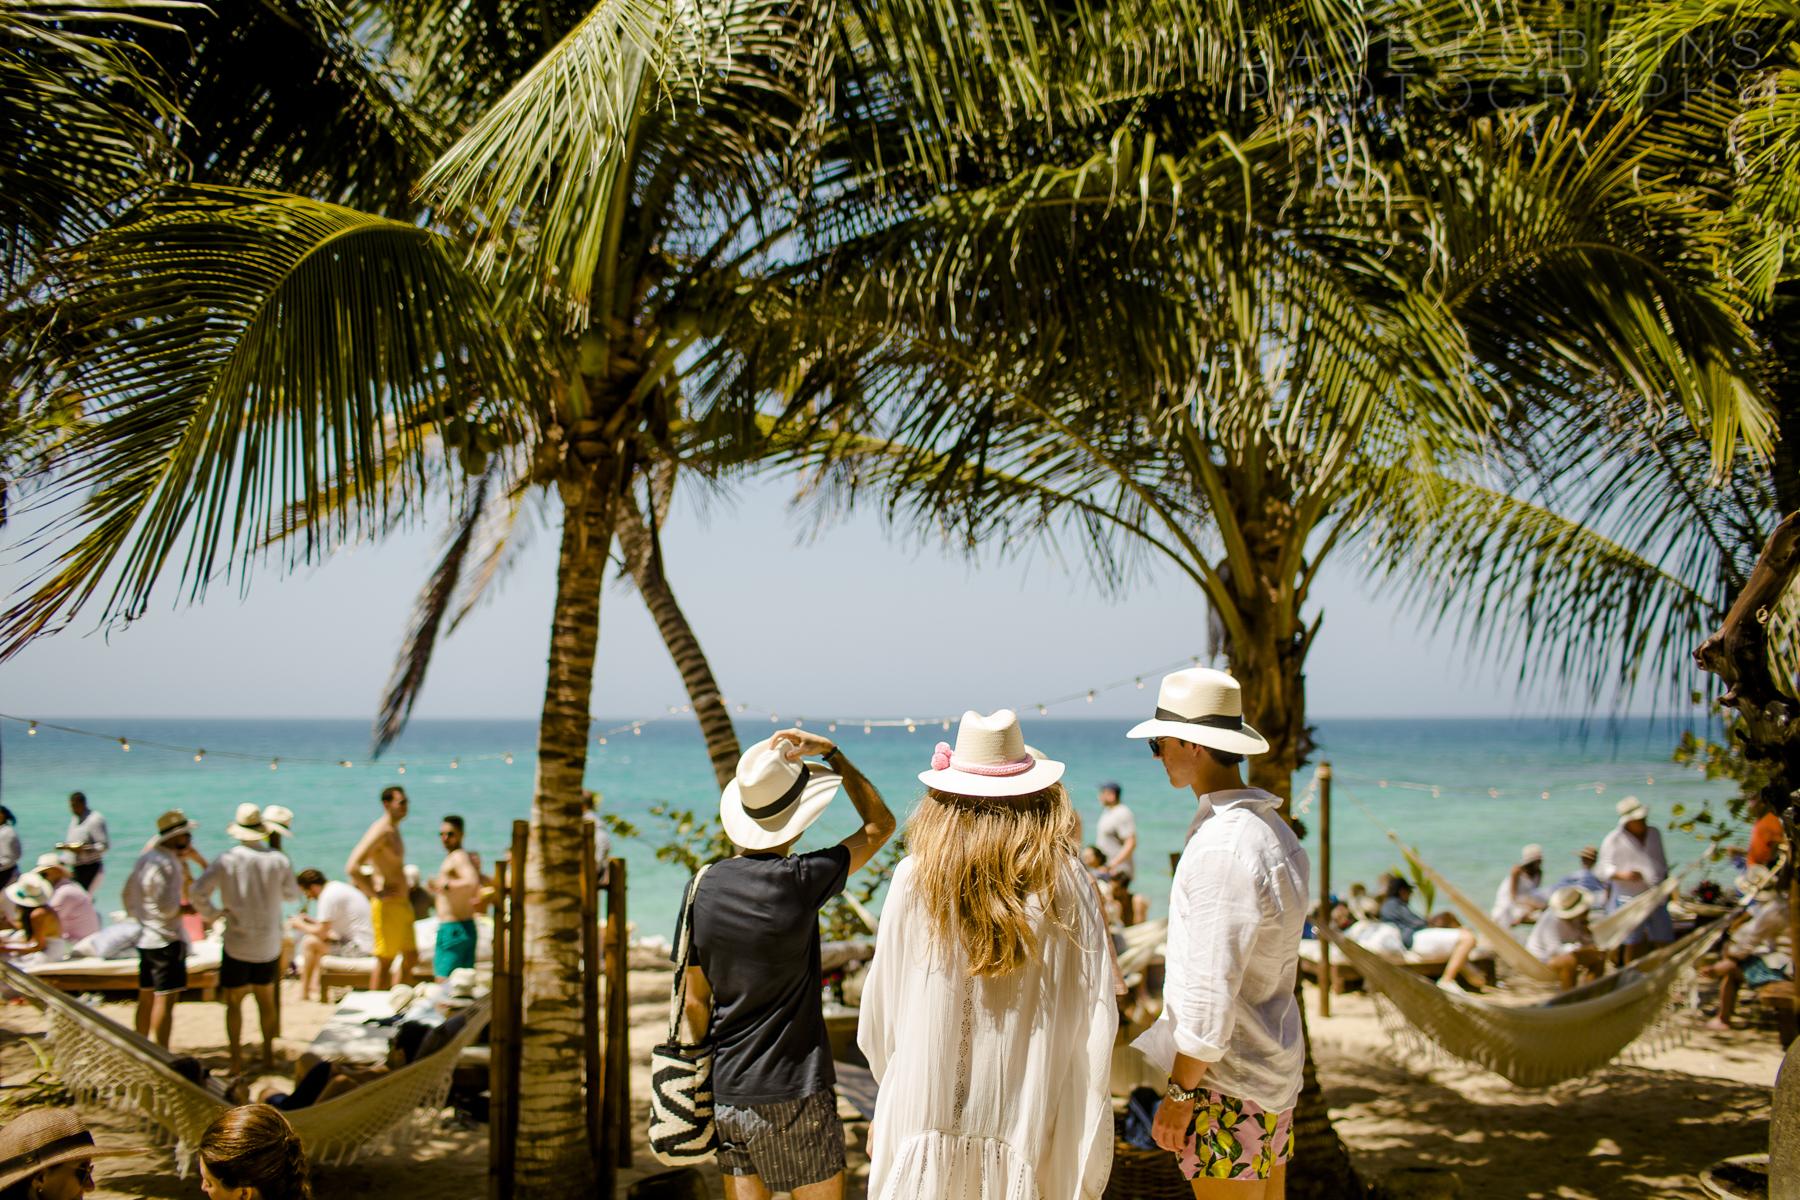 BARU BEACH WEDDING - 0040.JPG